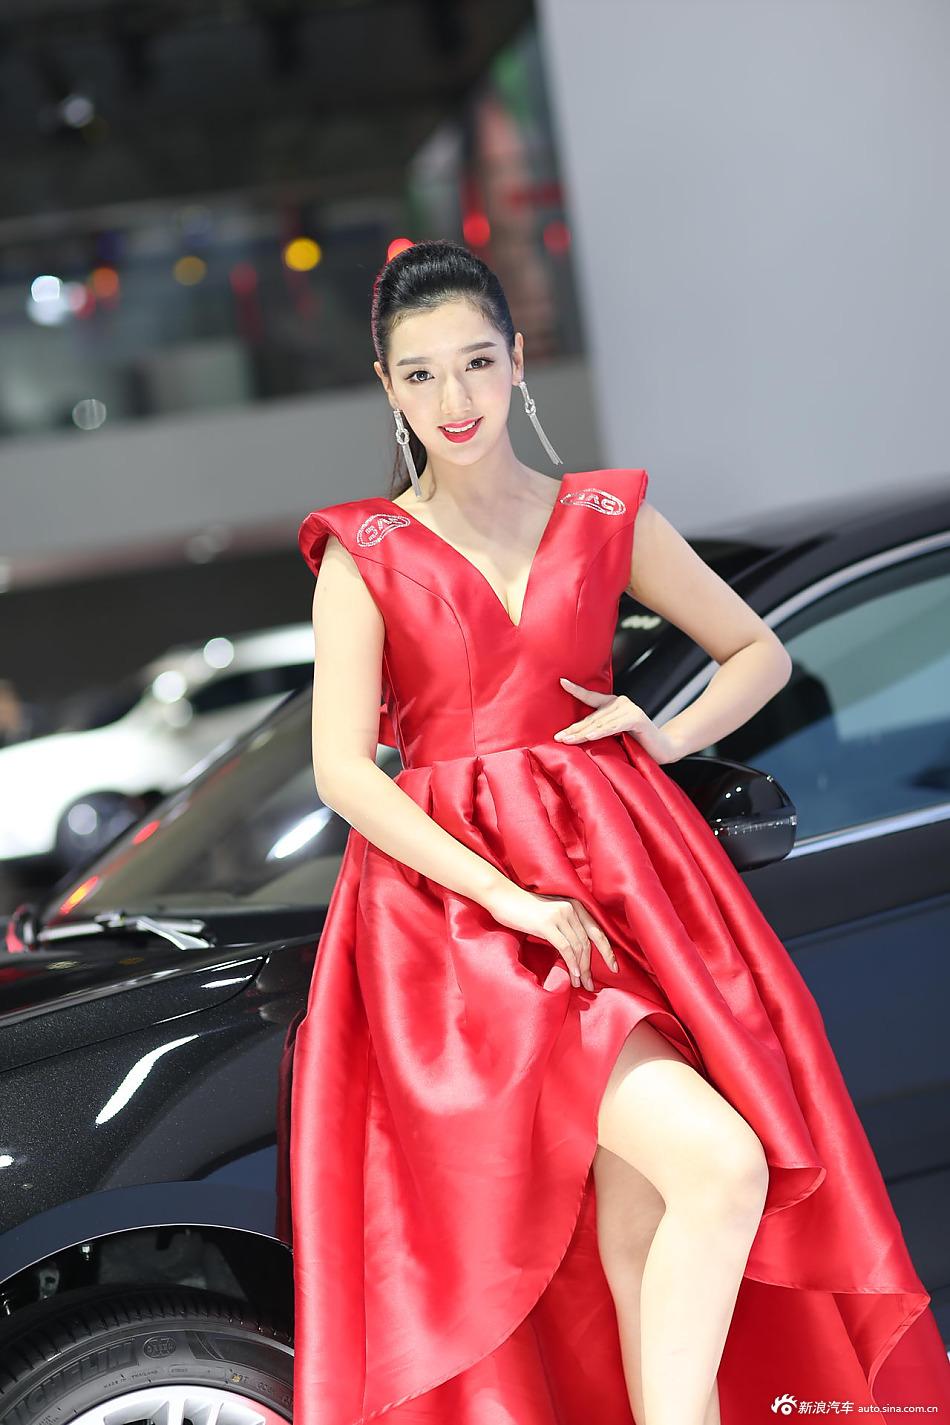 大红长裙也挡不住美女车模姣好的身材